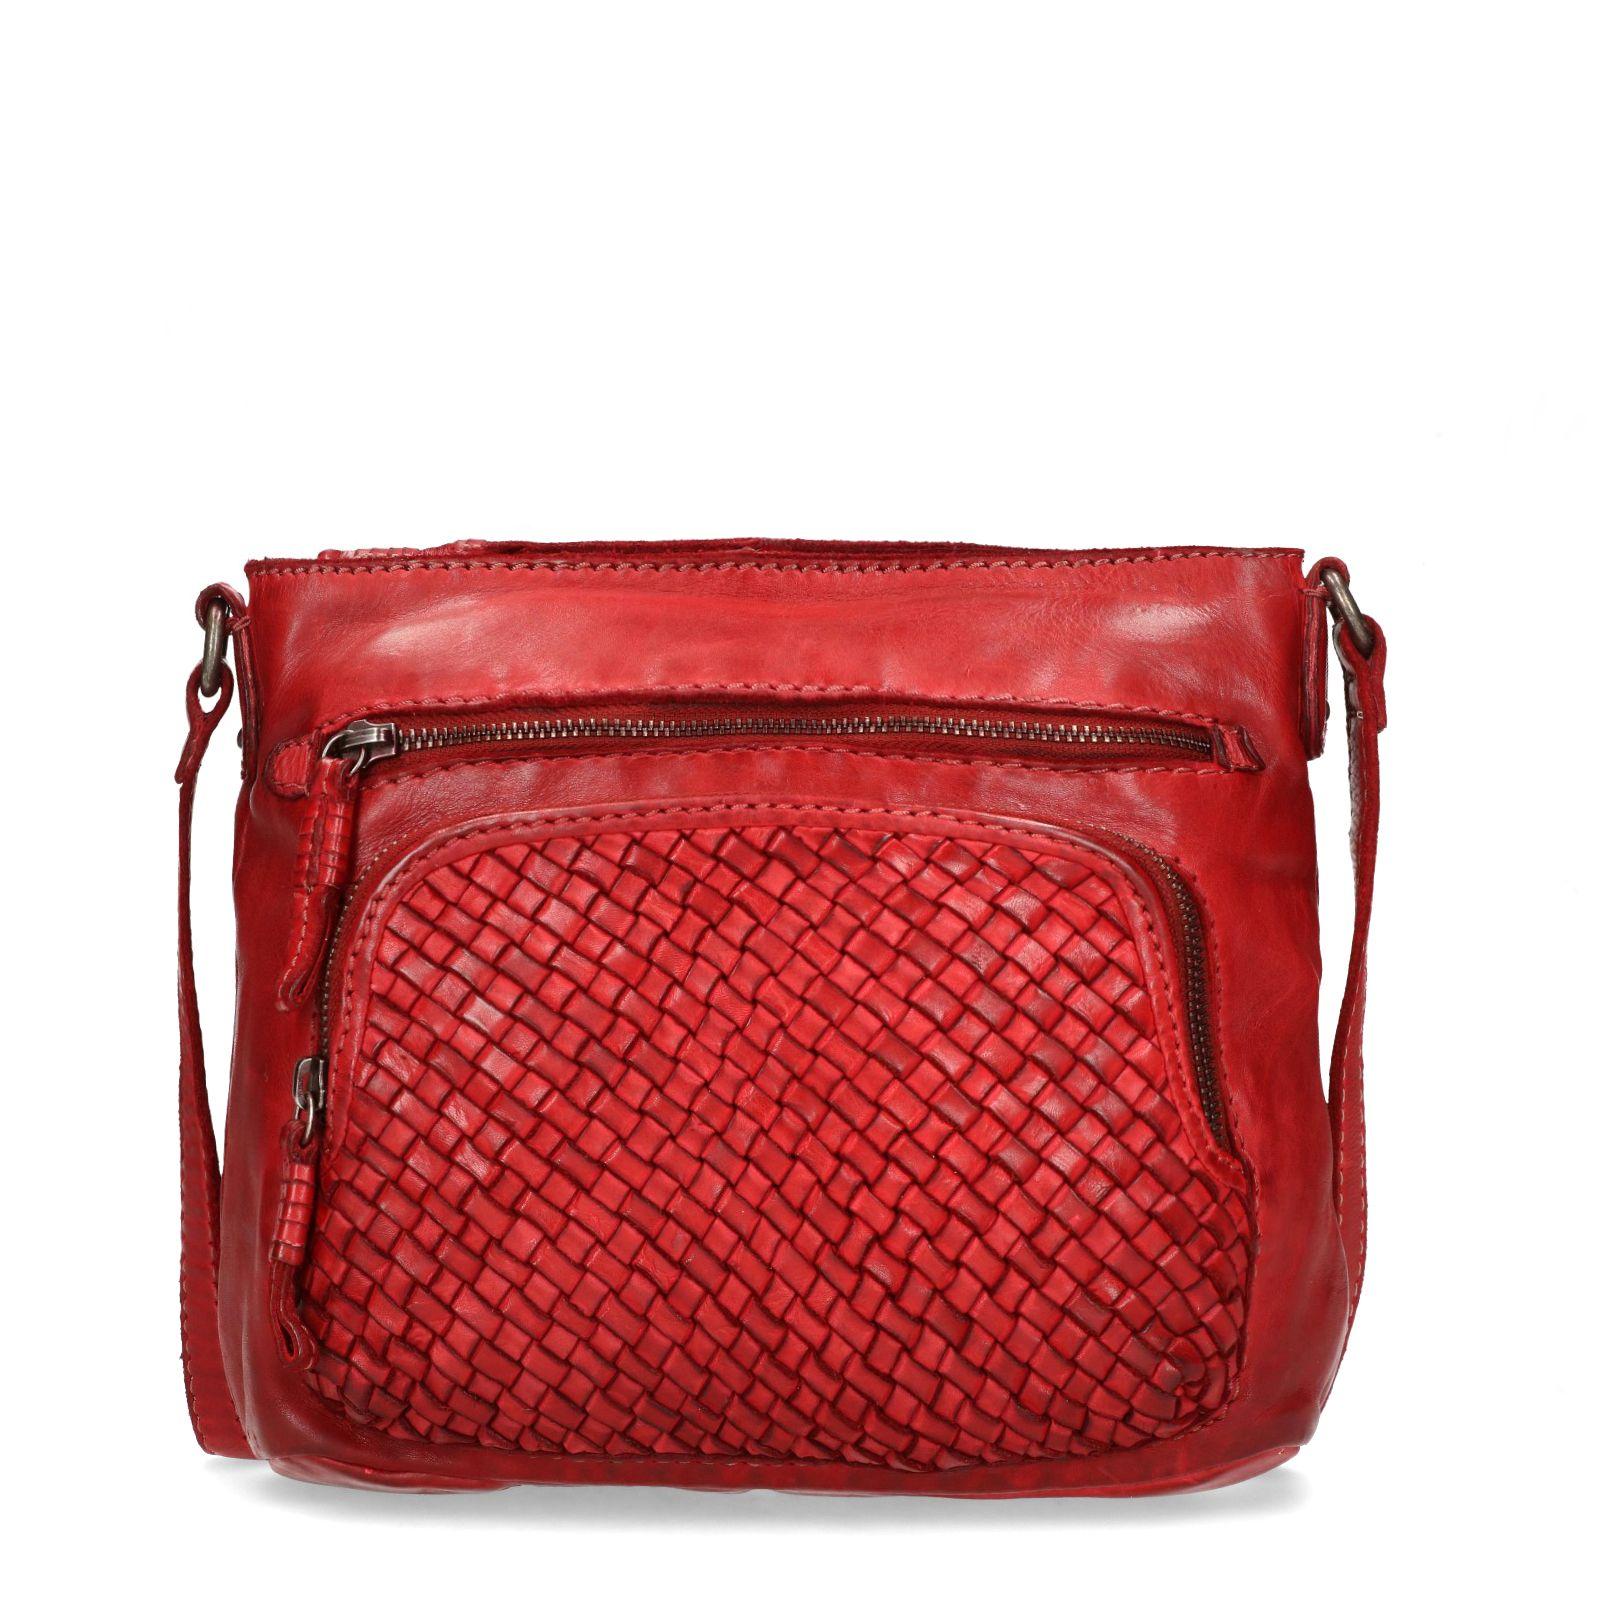 3e901d73f0a Rode schoudertas met rits - Tassen | MANFIELD